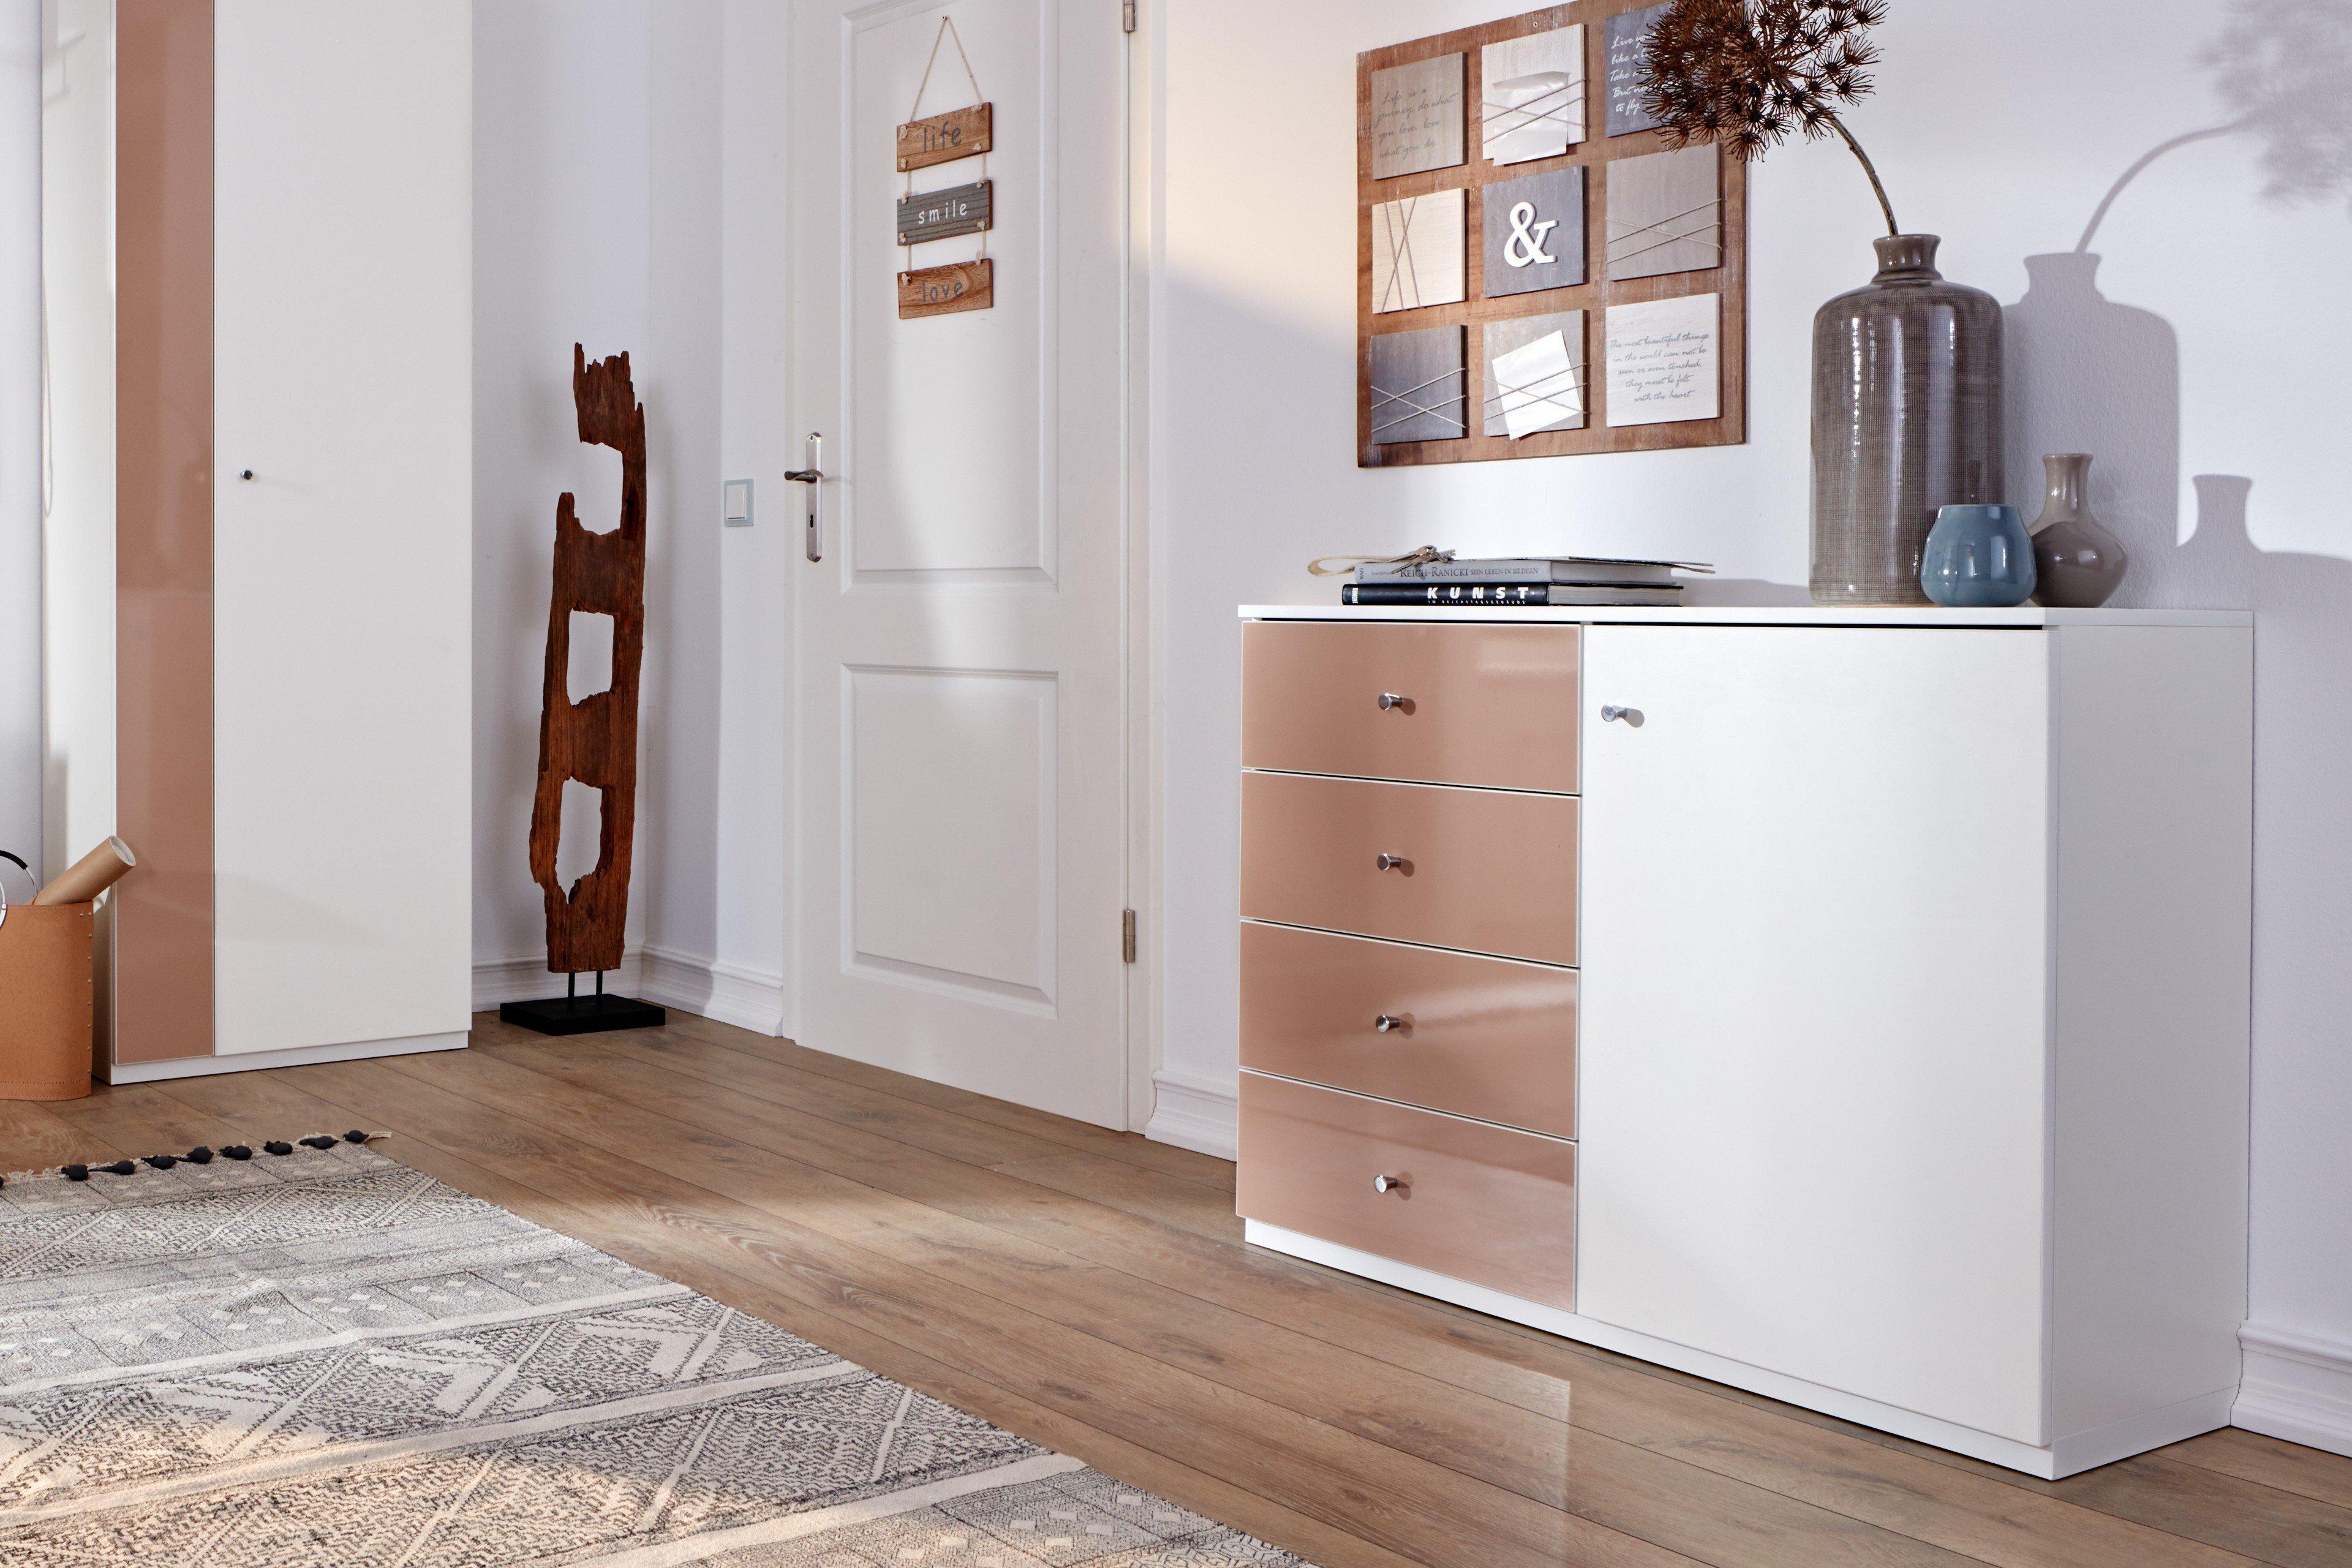 Garderobe München Plus in Creme-Weiß von Prenneis   Möbel Letz - Ihr ...